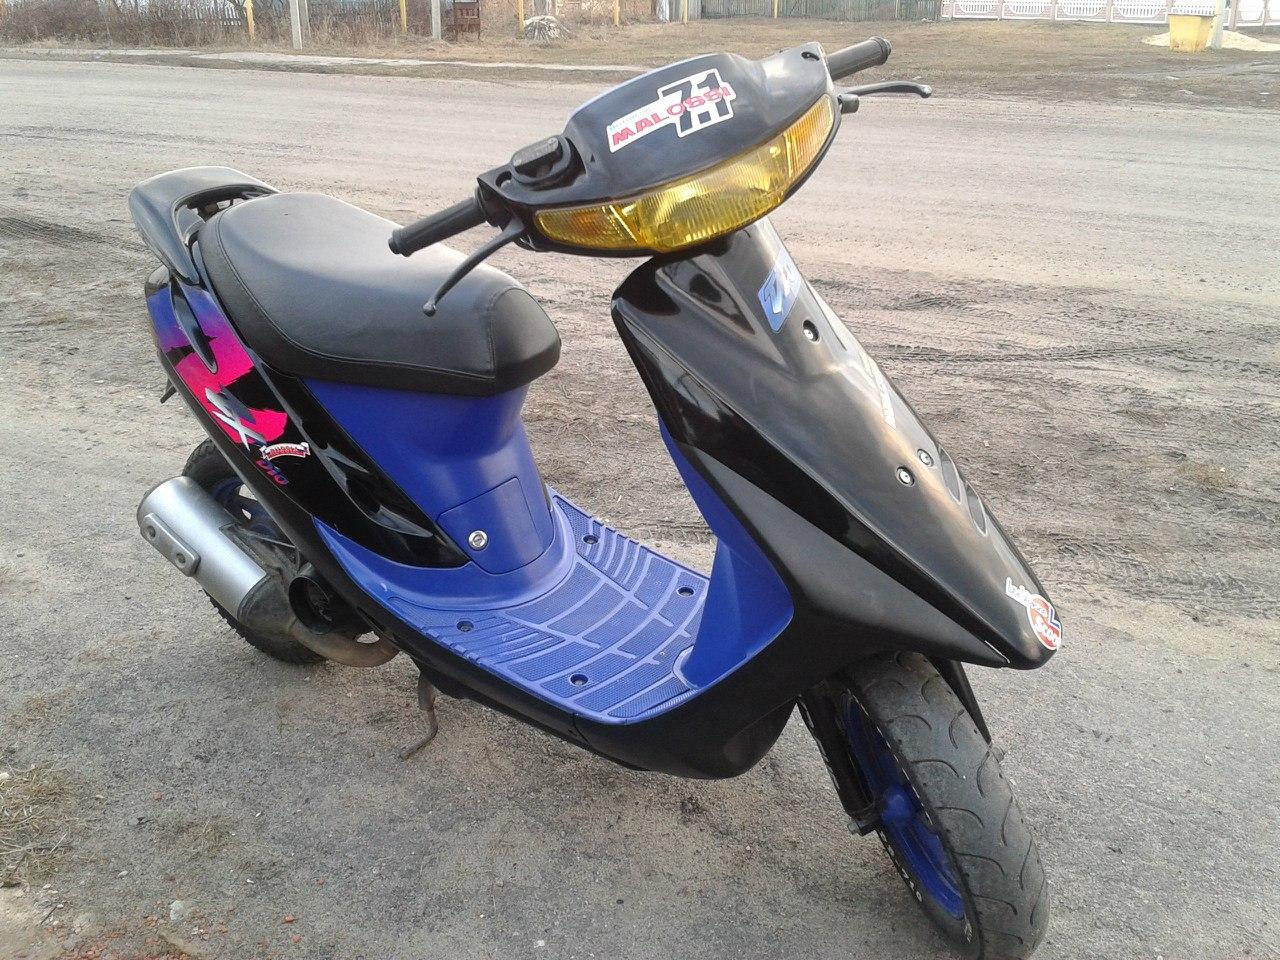 Скутер Honda Dio AF 28 SR - фото, описание, технические